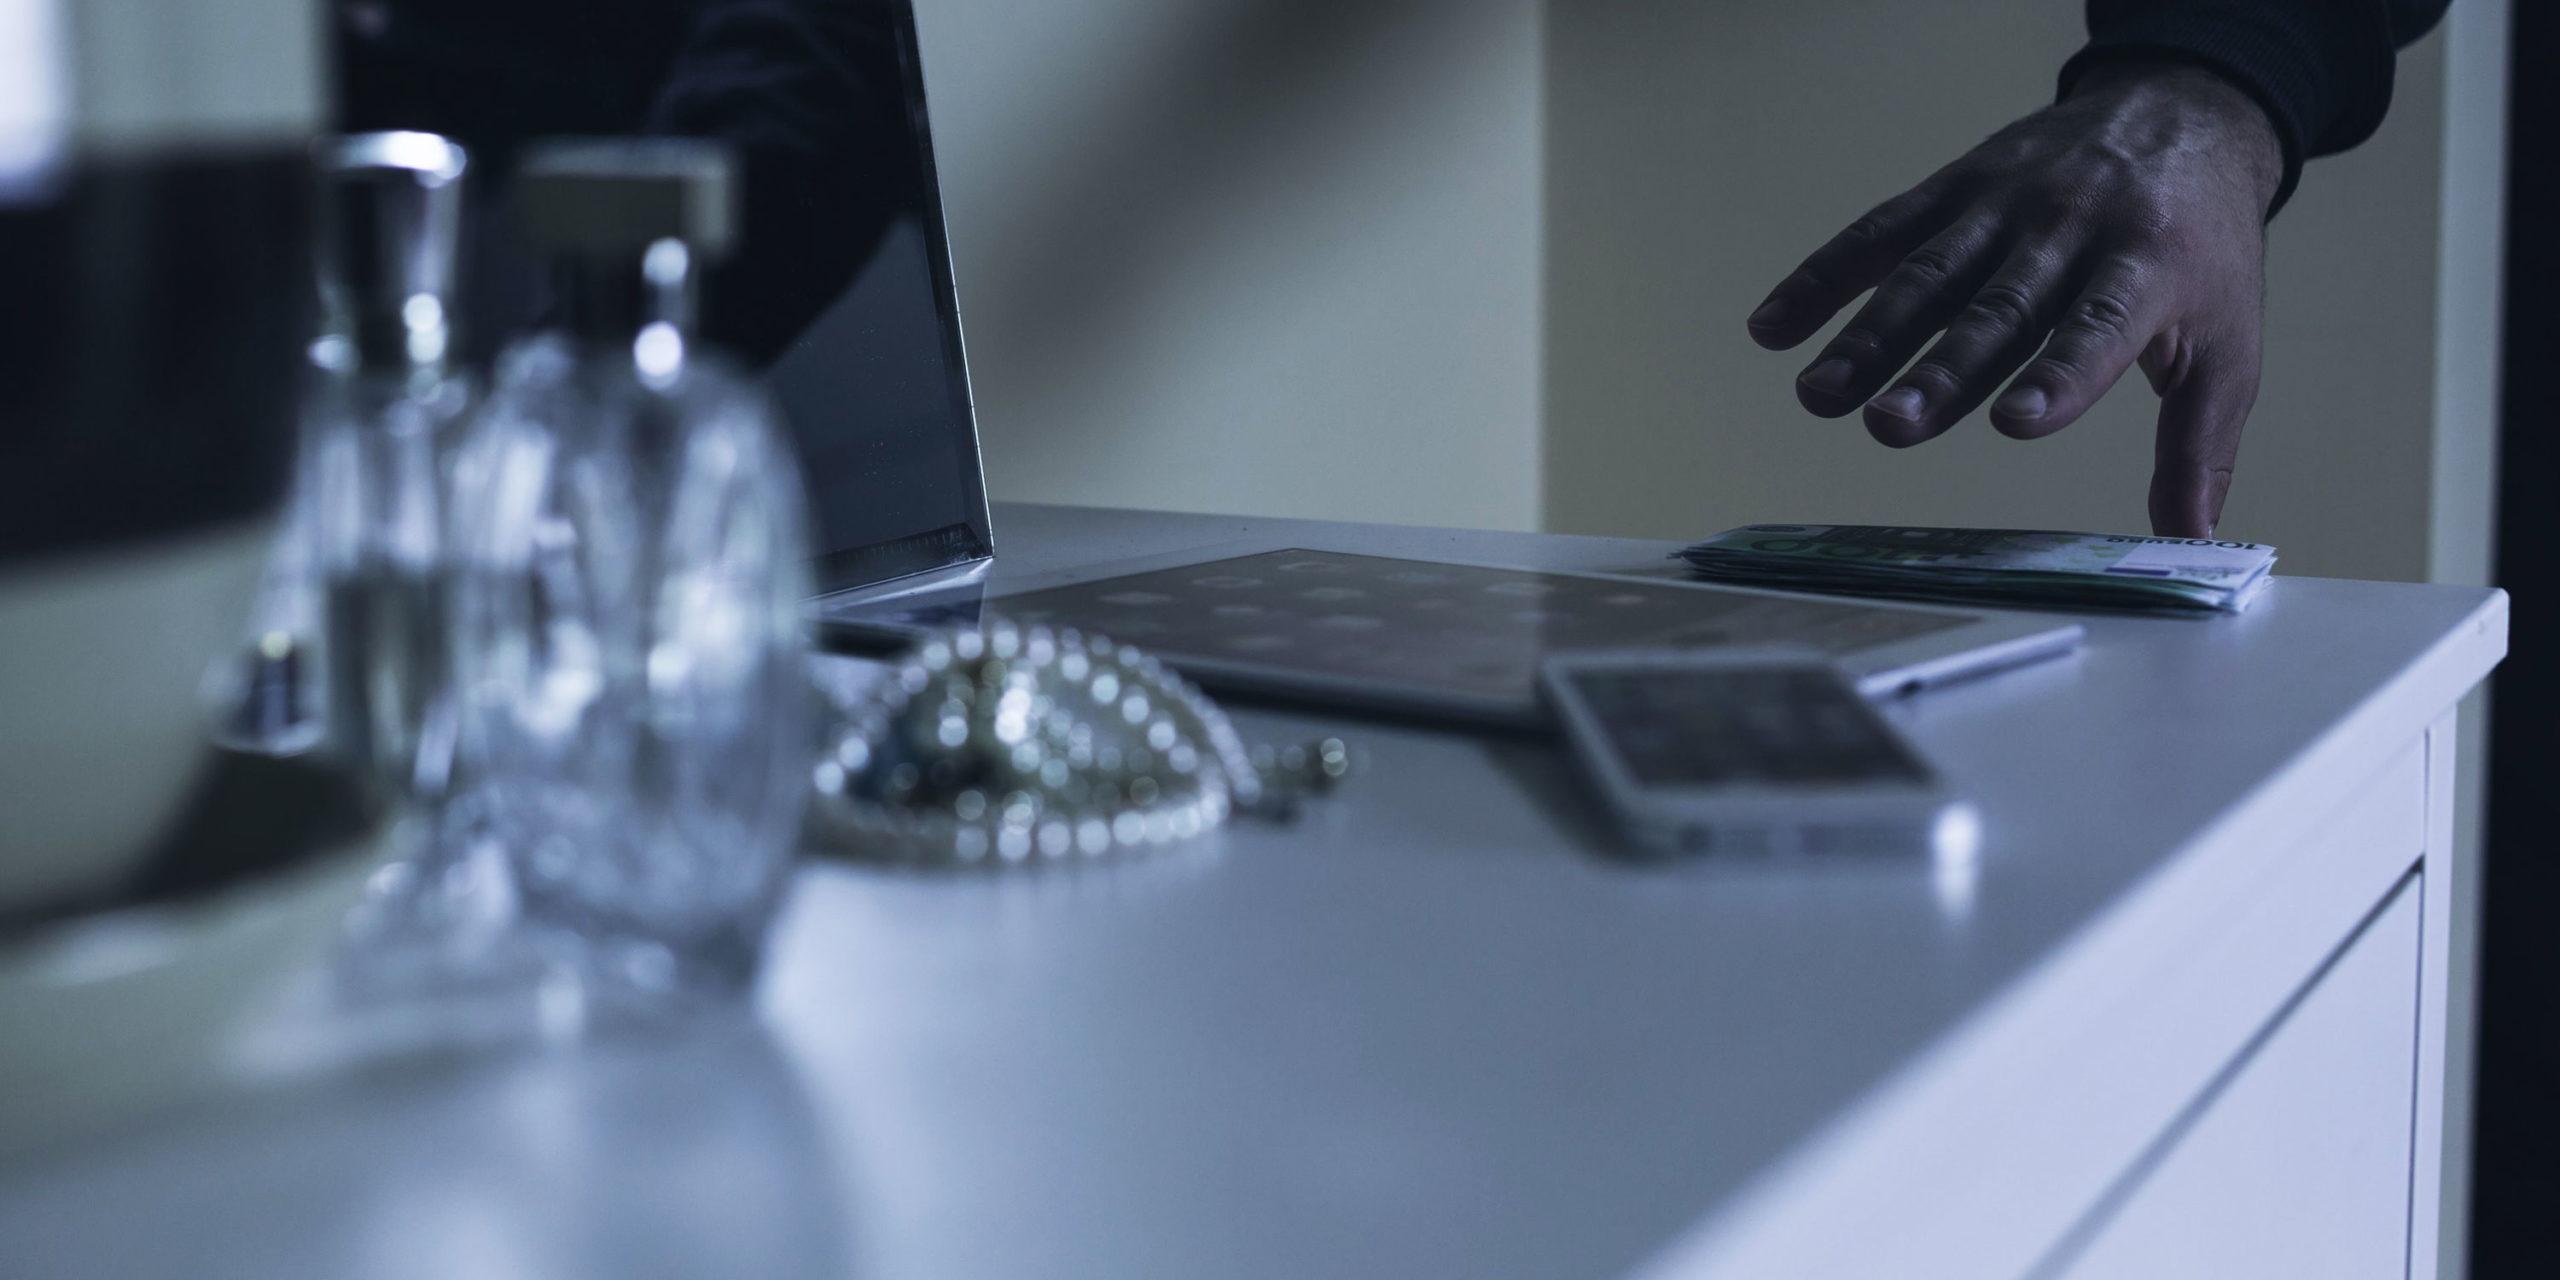 schweizerische kriminalprävention | einbruch